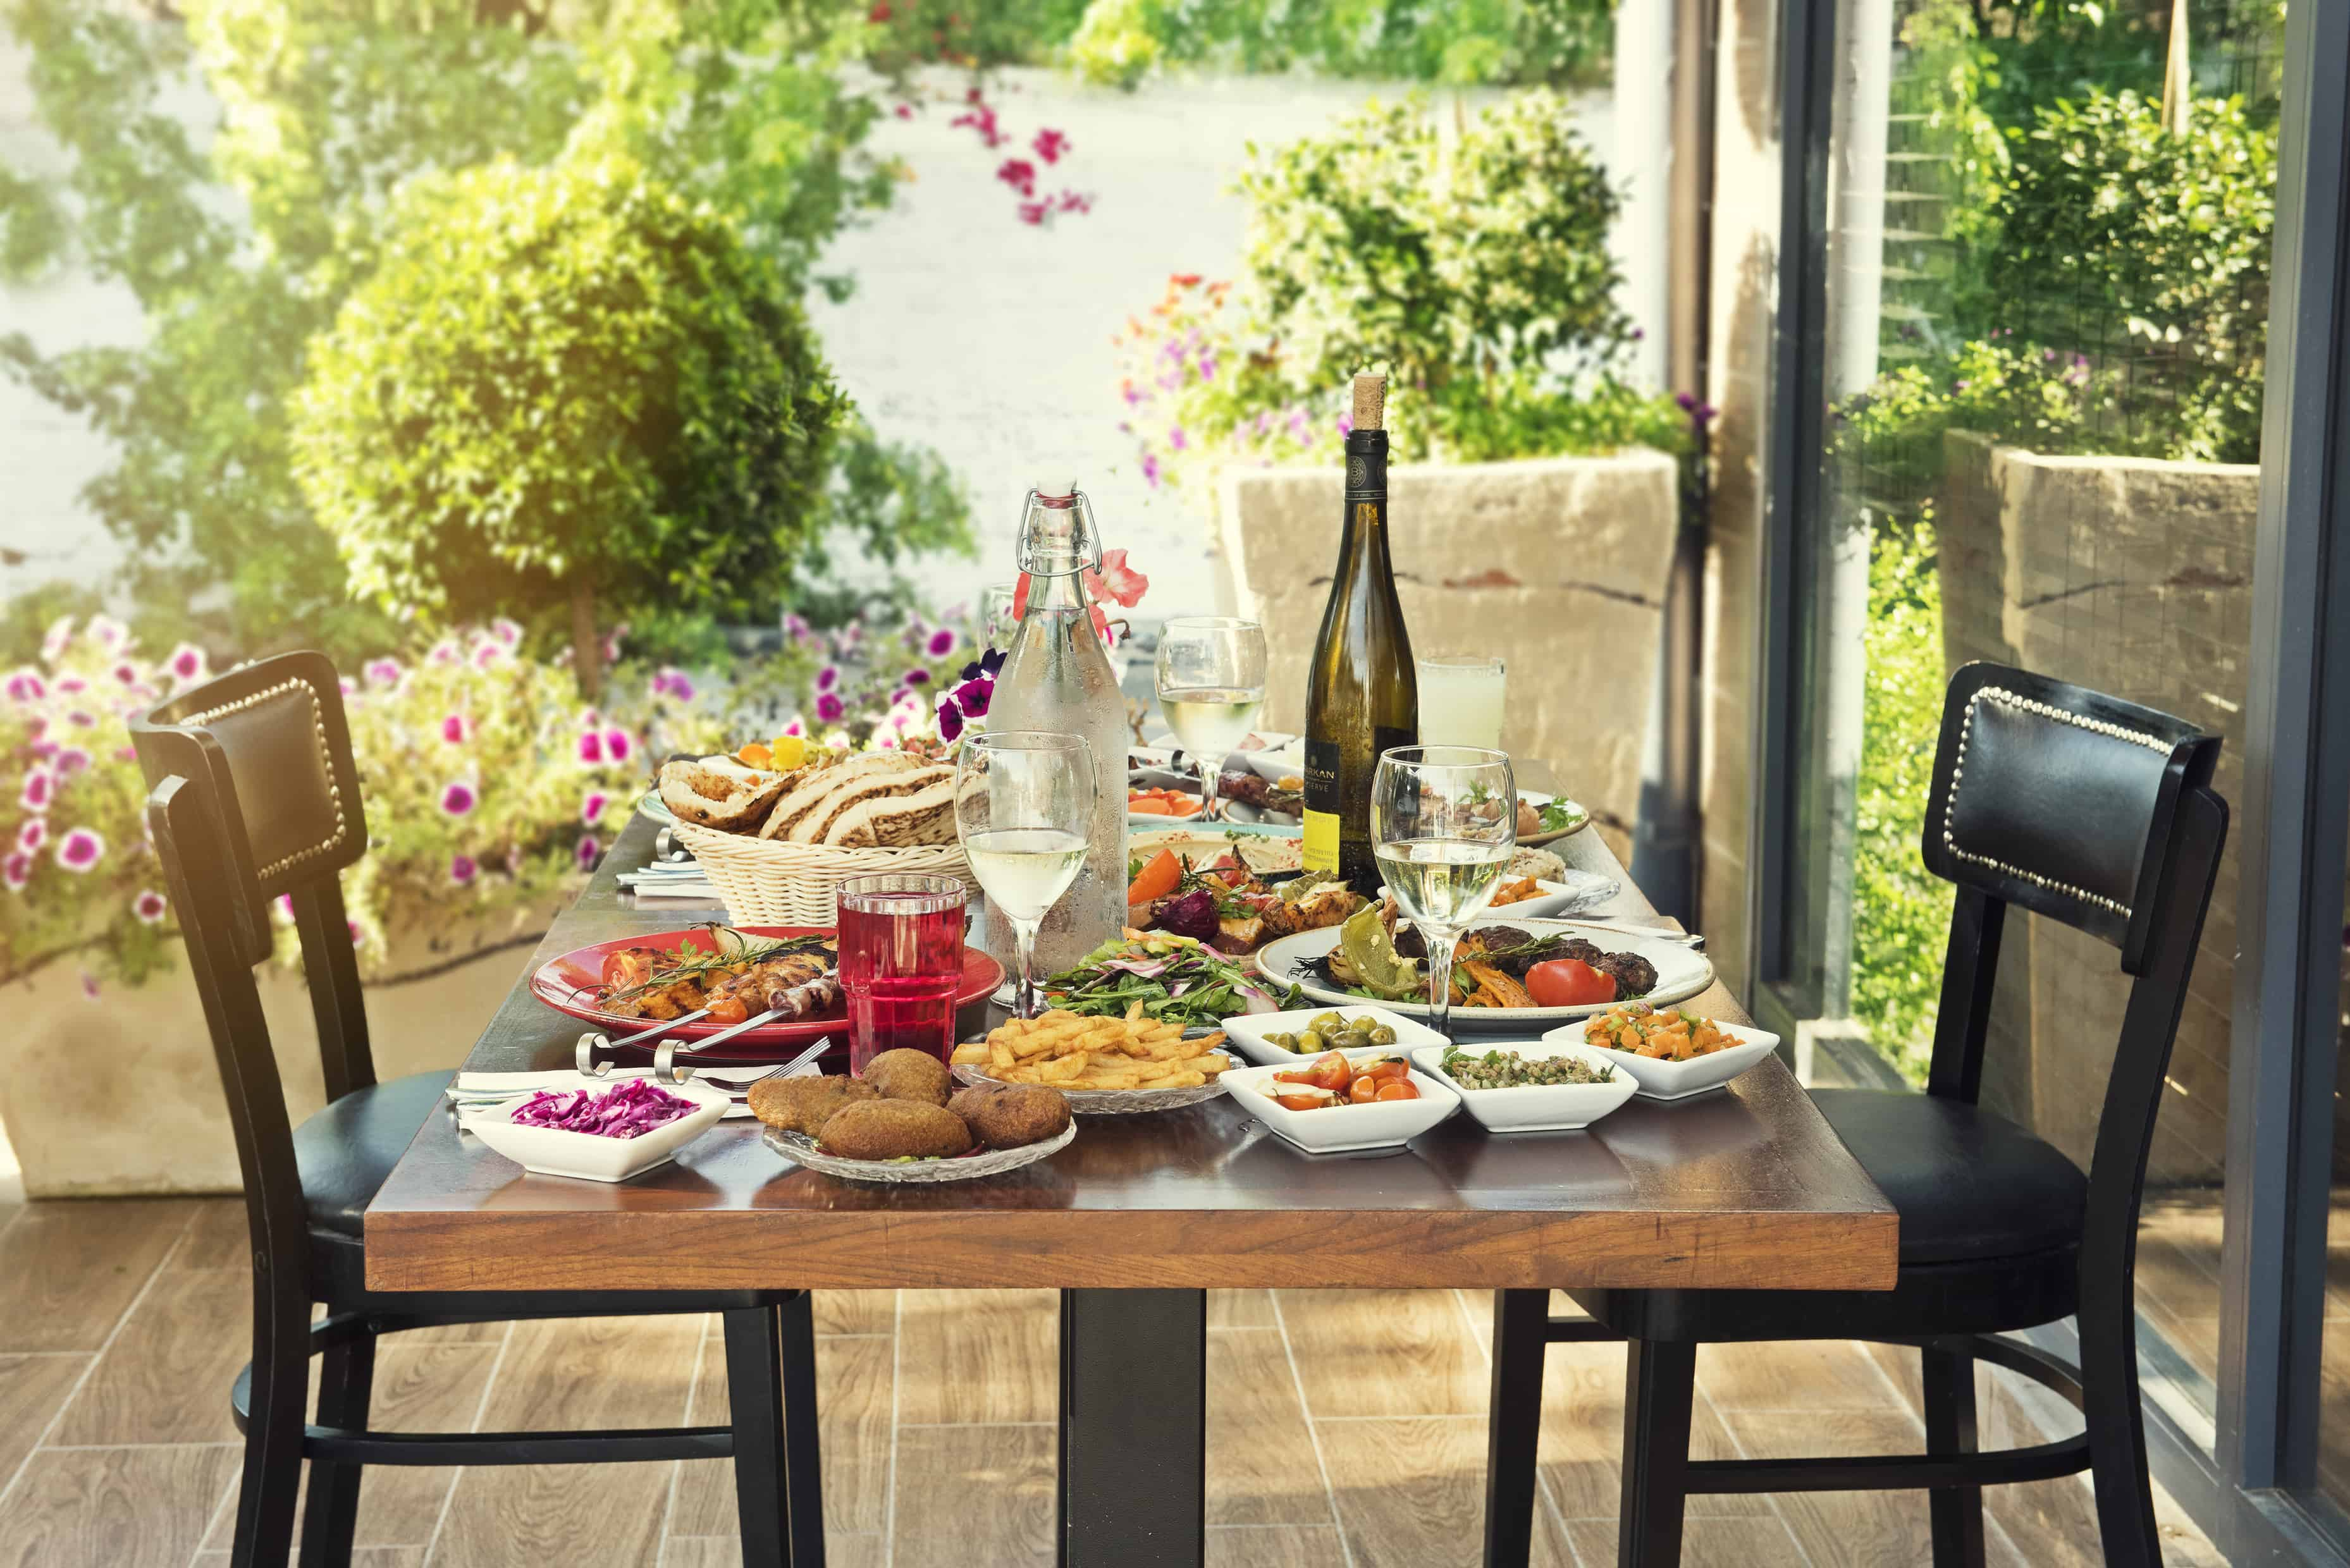 מסעדת זויה מזמינה אתכם לחגוג את ליל הסדר. צילום סטס קורינסקי